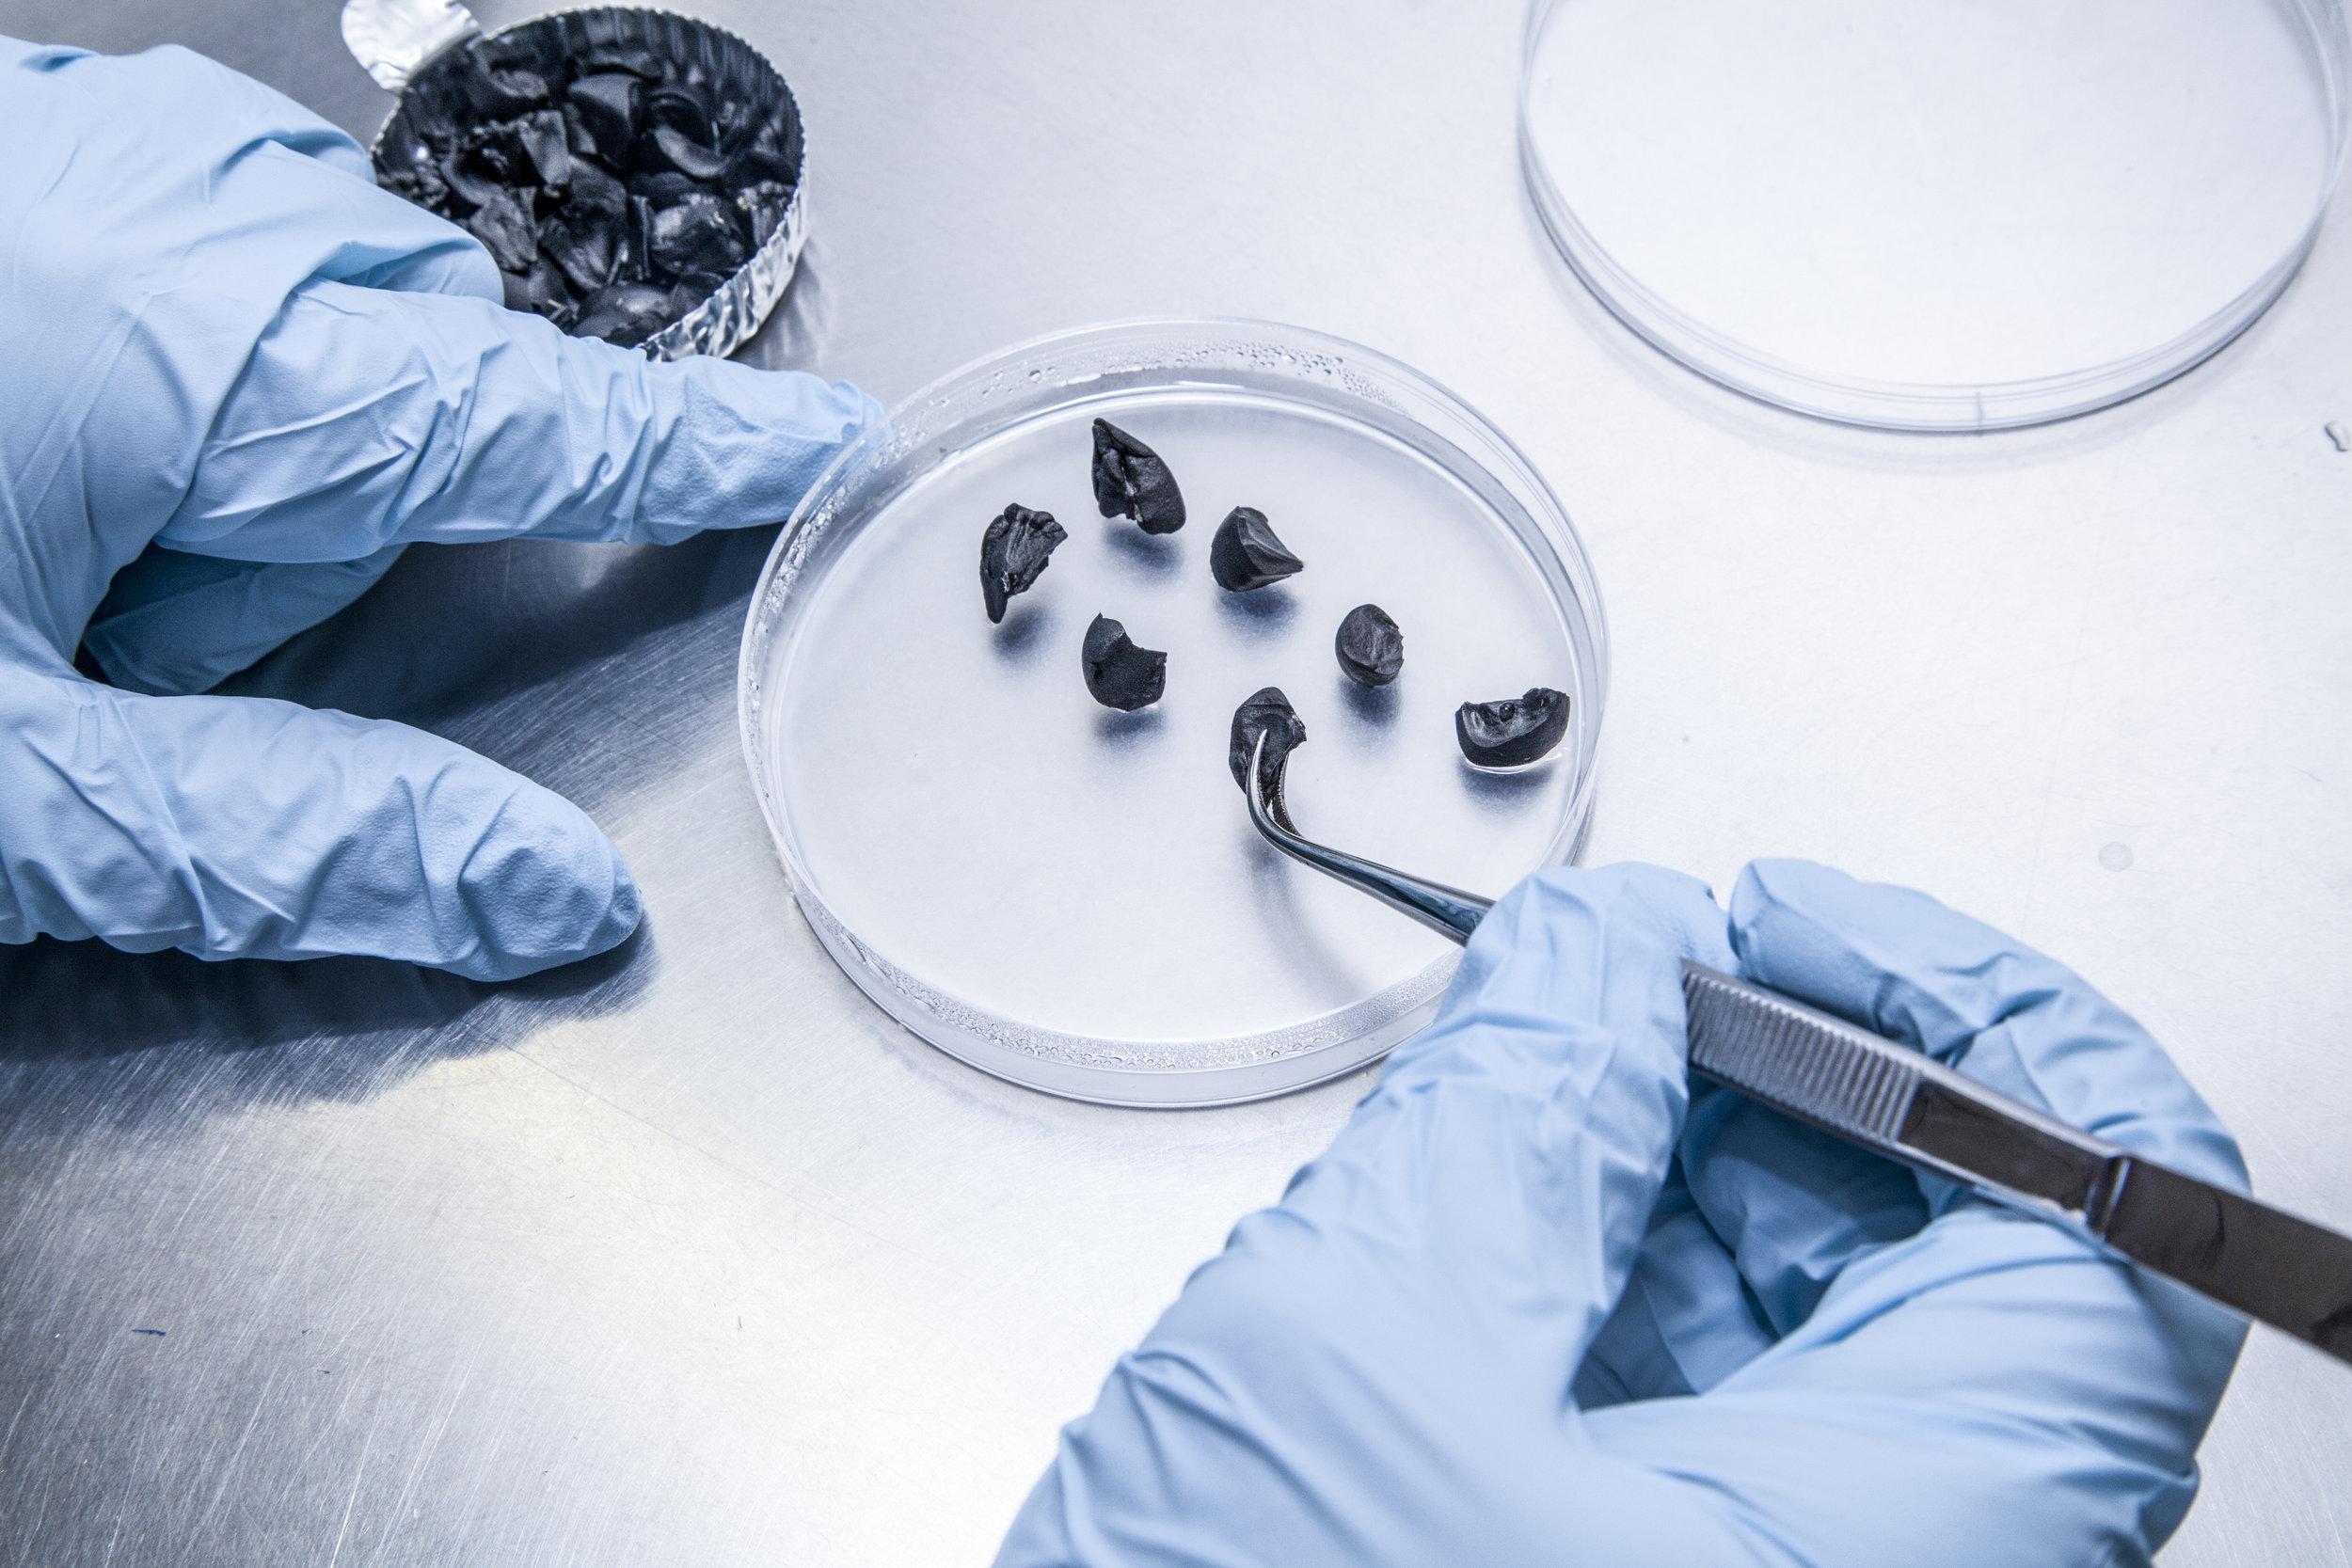 Germination tests (BG-SAR)